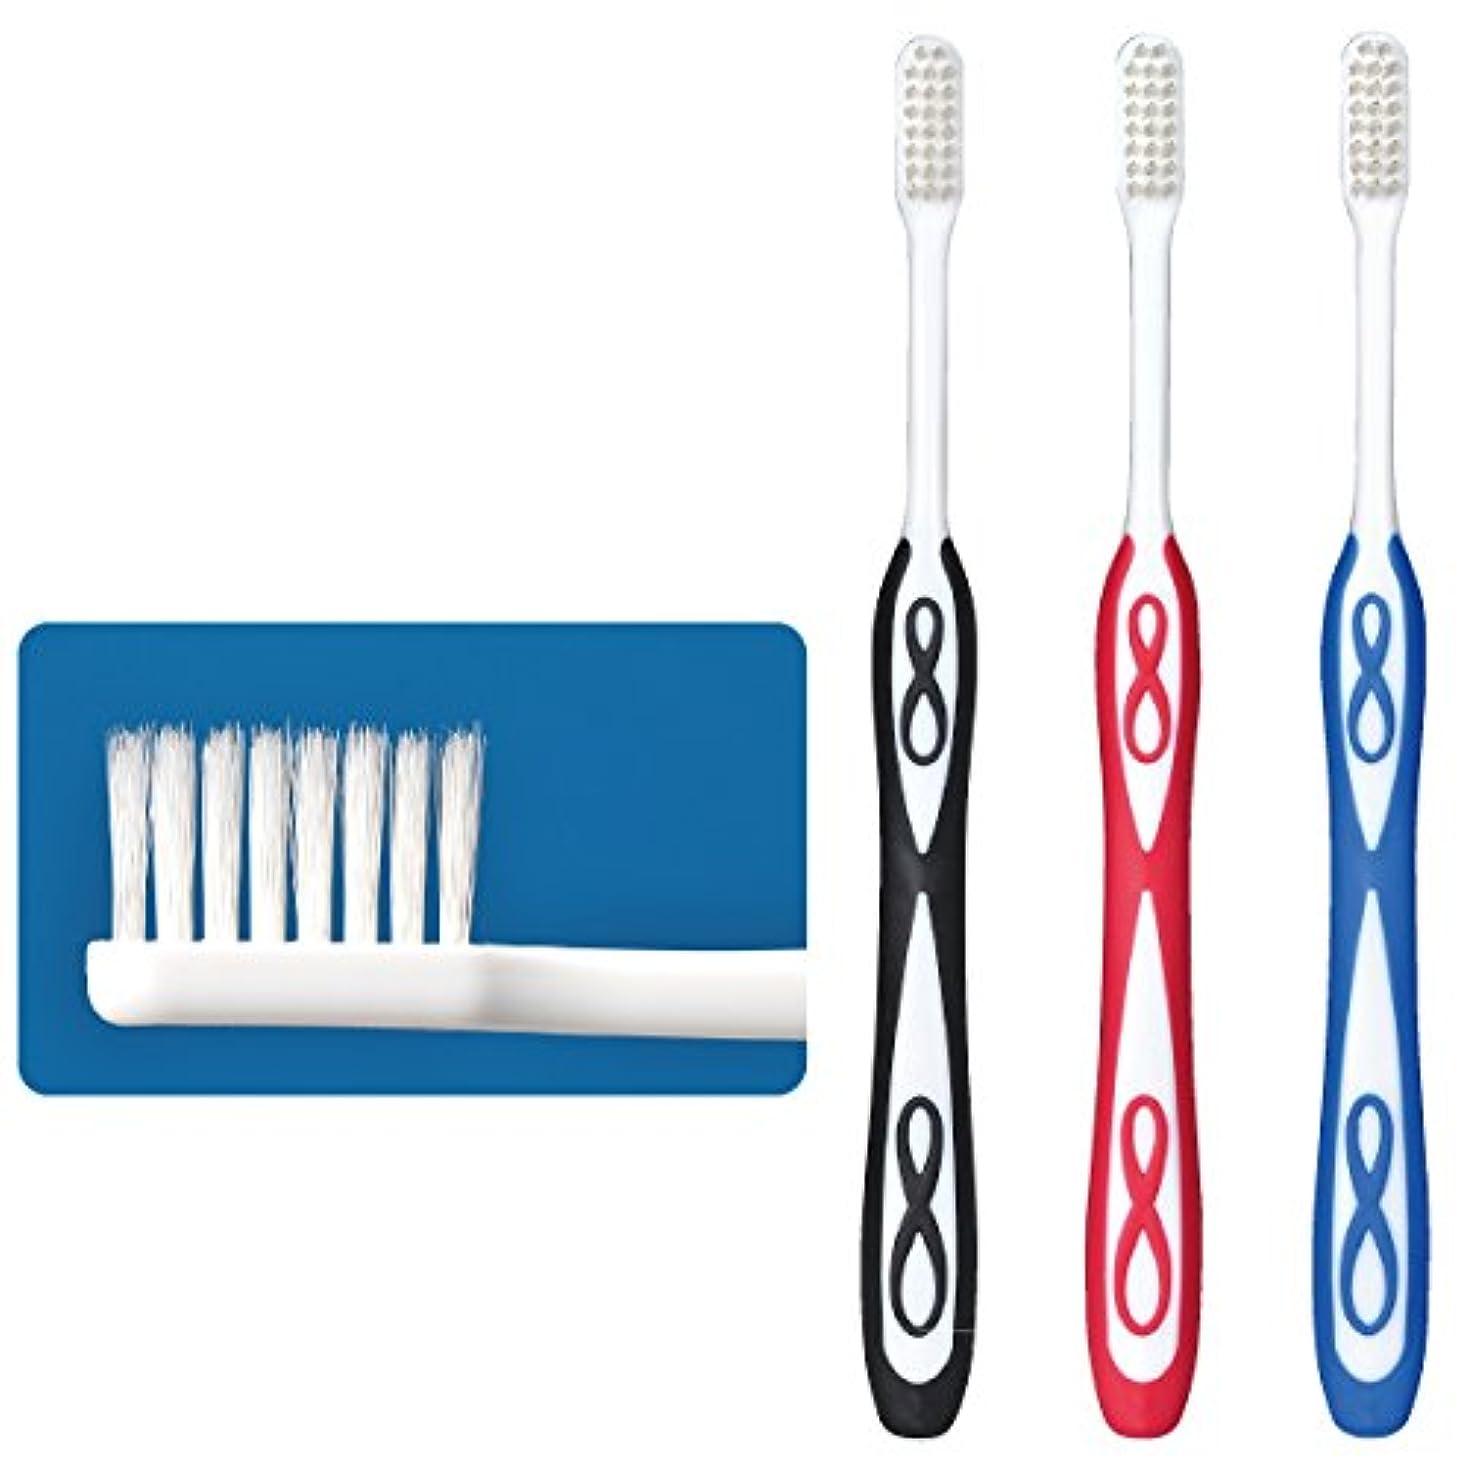 複雑な鎖素晴らしさLover8(ラバーエイト)歯ブラシ レギュラータイプ オールテーパー毛 Mふつう 30本入